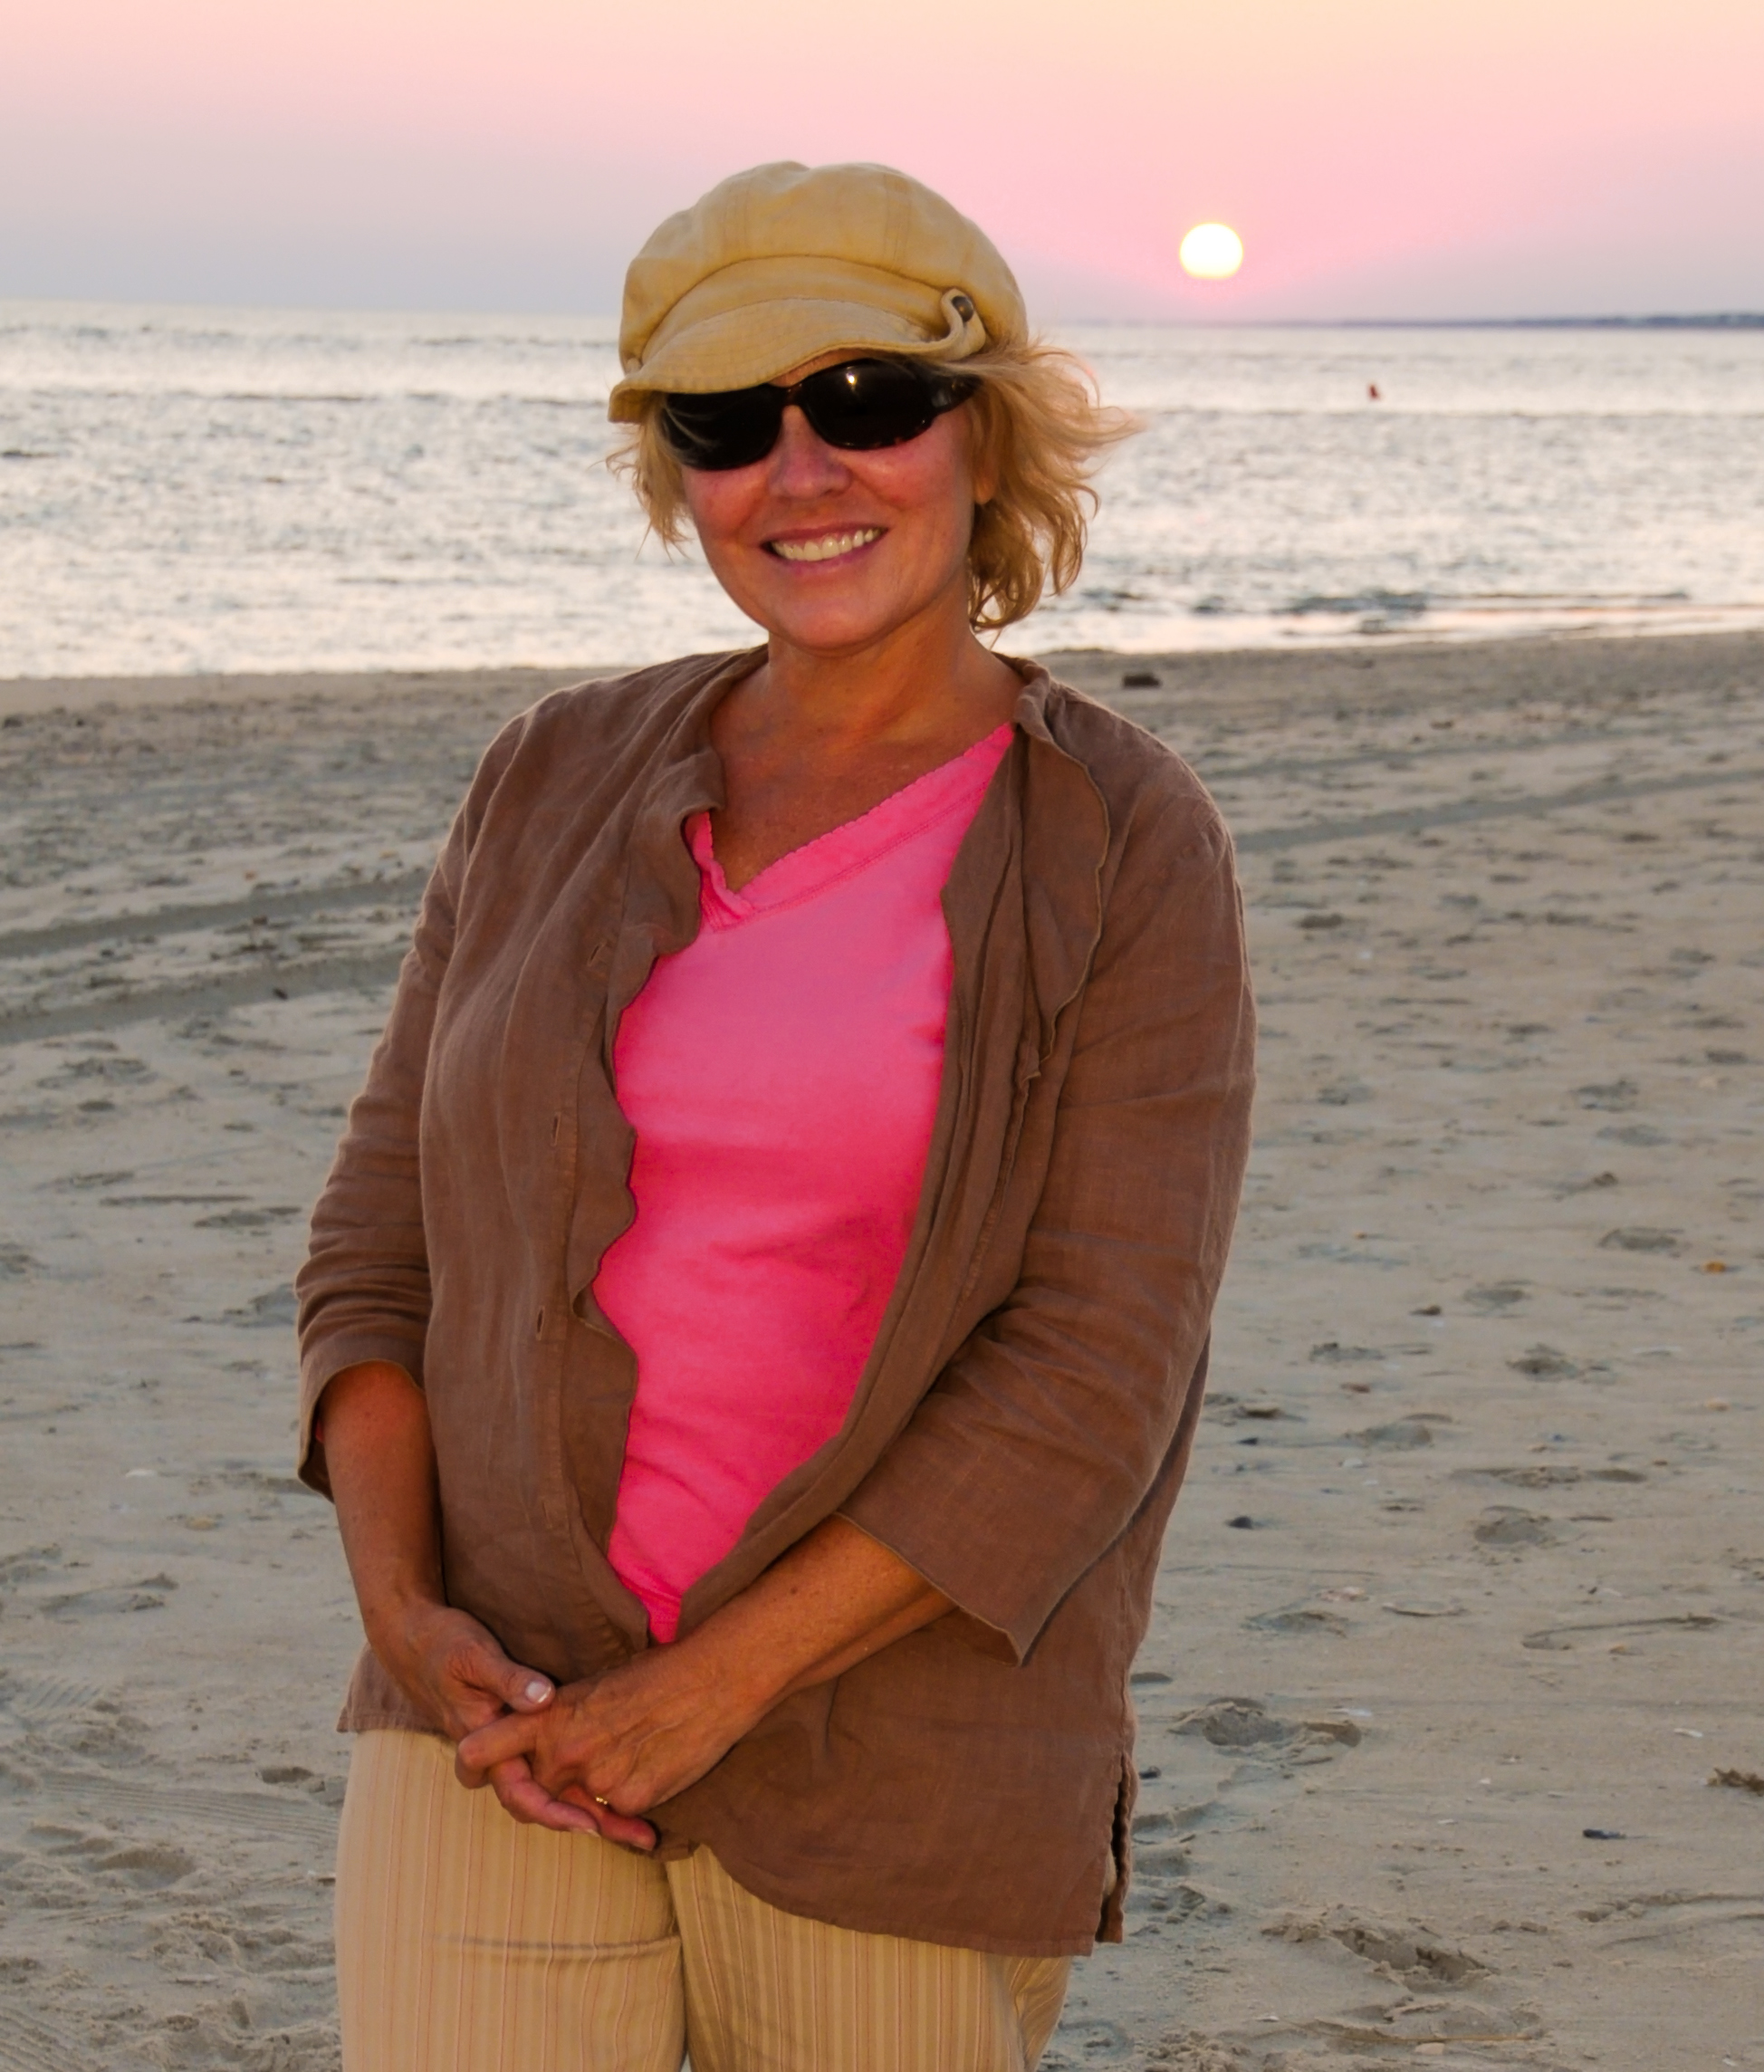 Kathy at sunset on beach